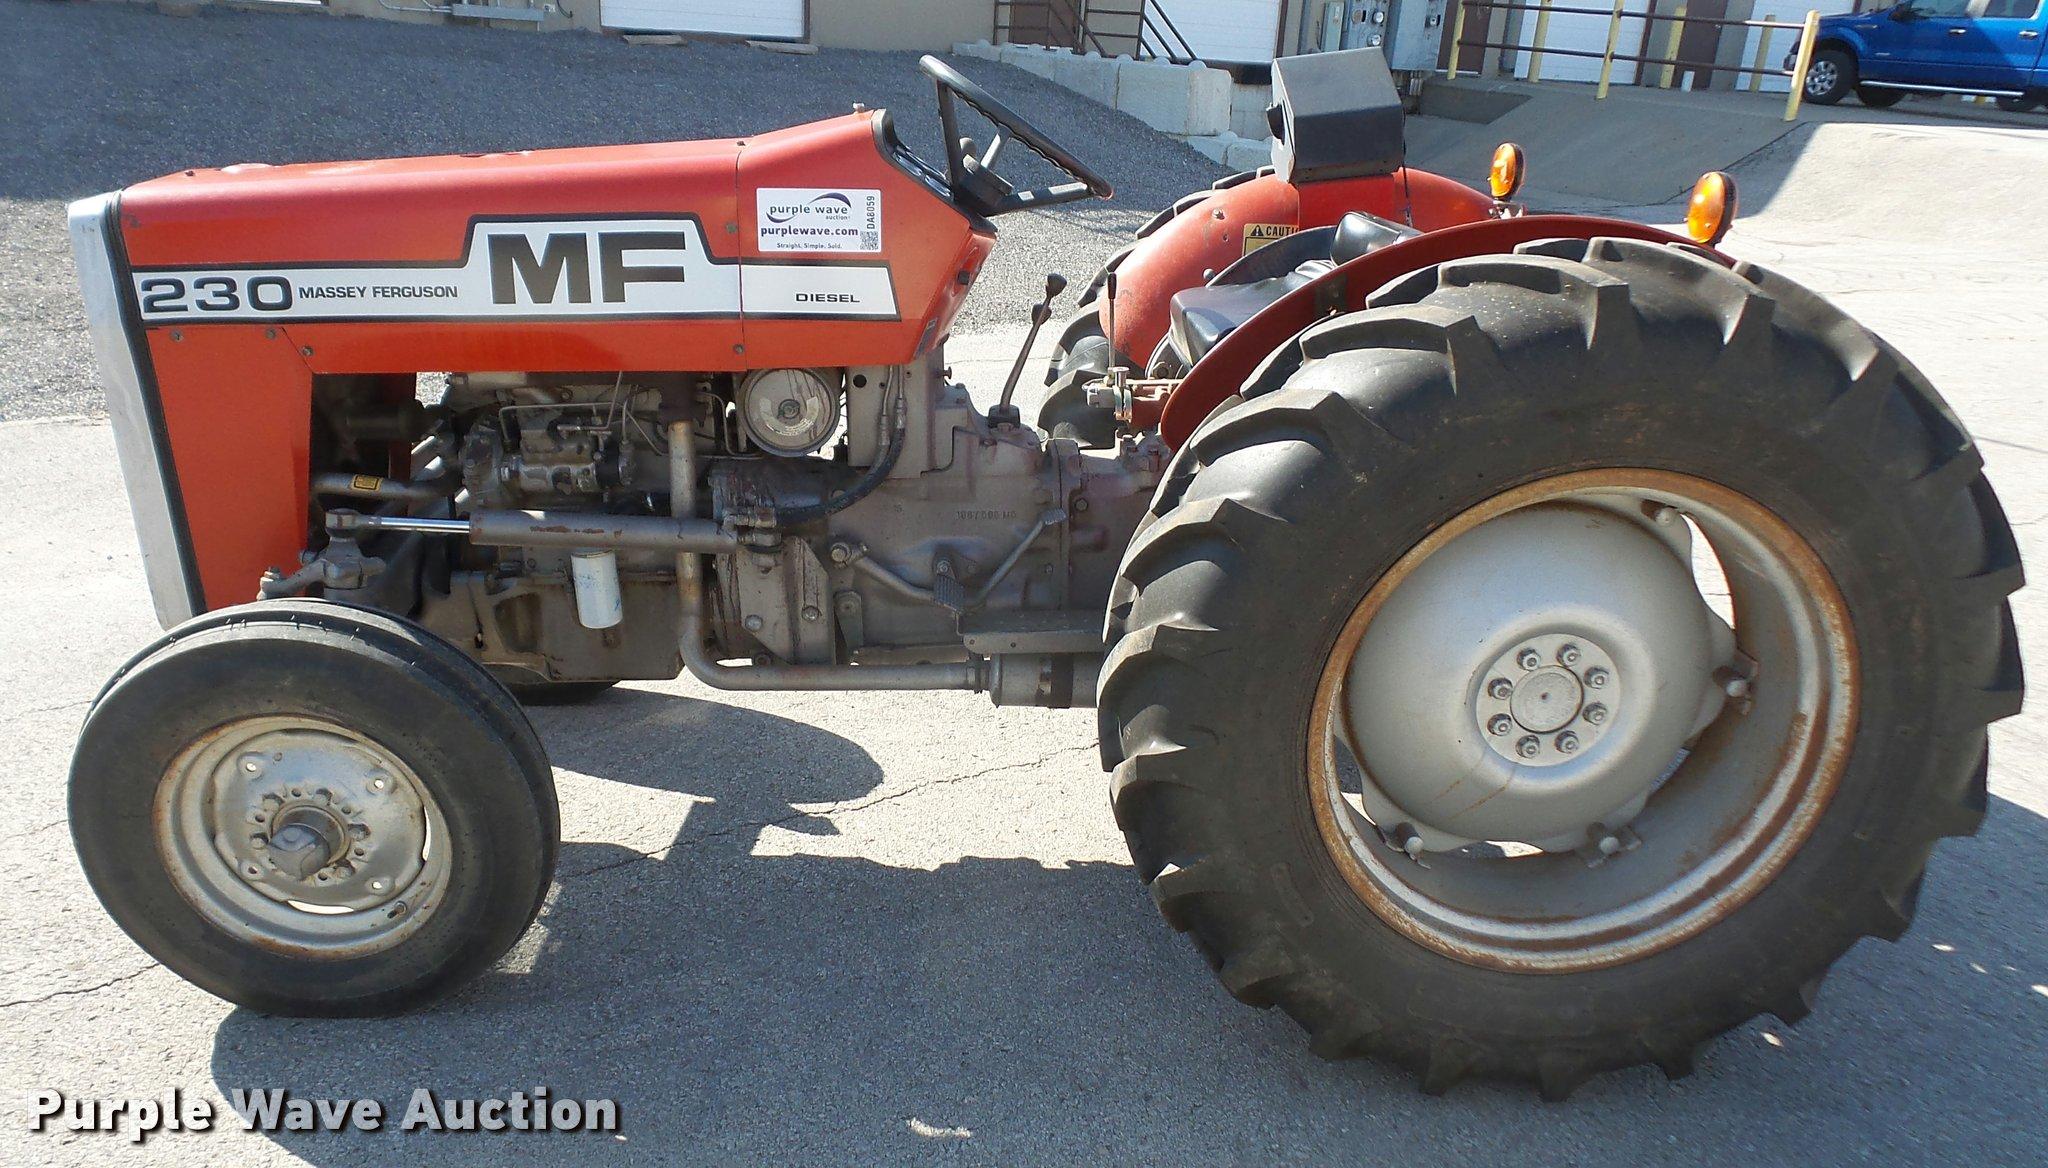 ... Massey-Ferguson 230 tractor Full size in new window ...